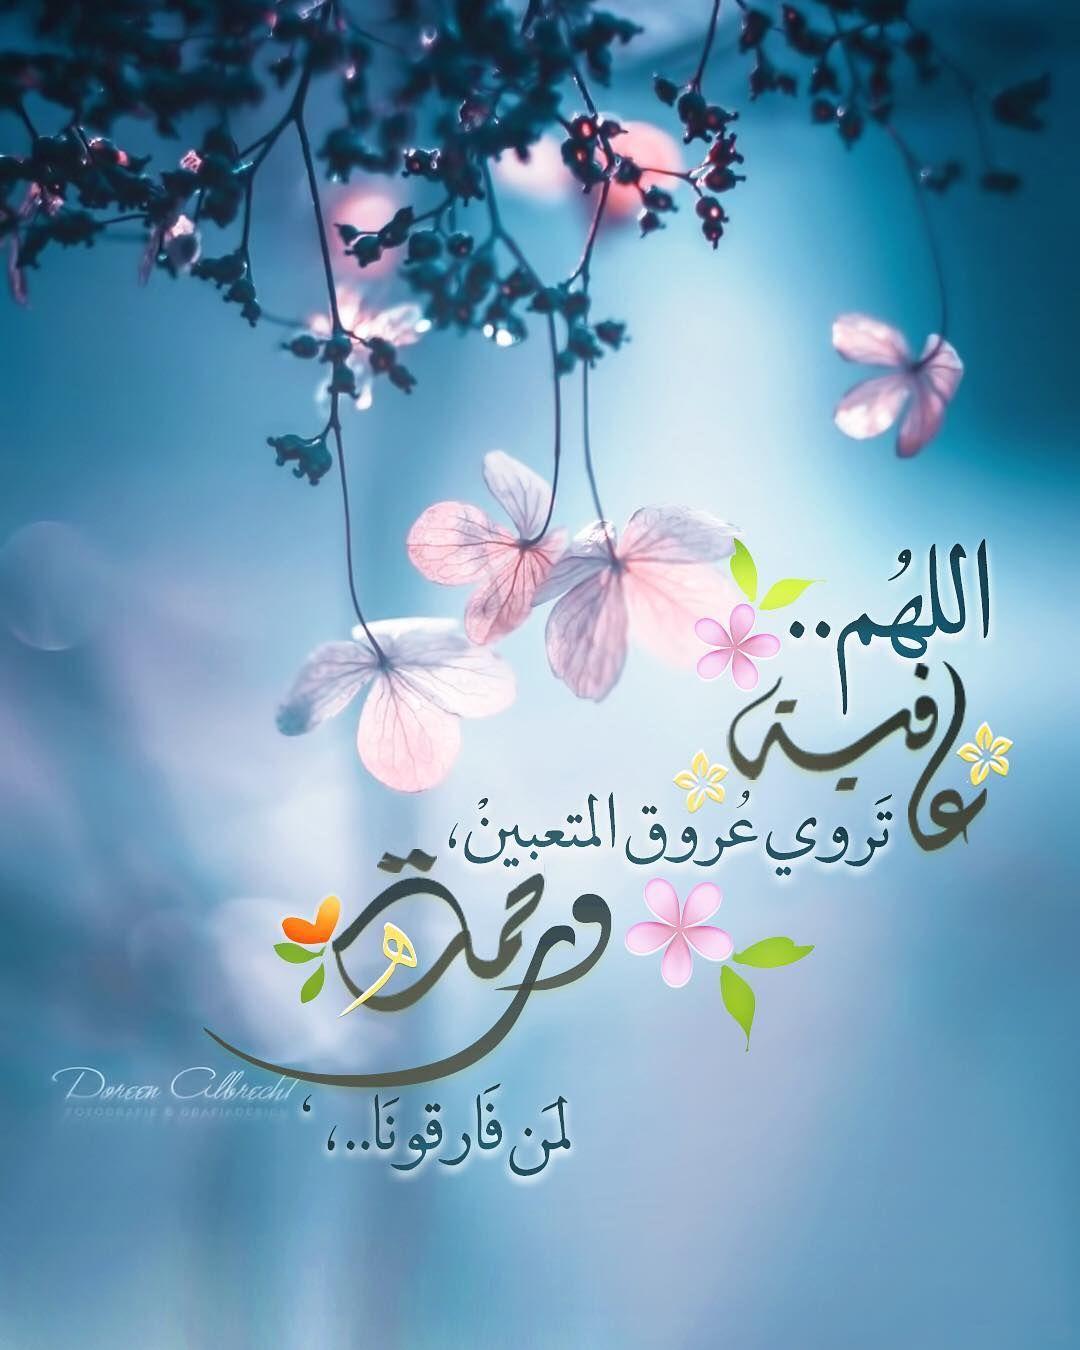 L Image Contient Peut Etre 1 Personne Fleur Et Texte Islamic Quotes Wallpaper Islamic Images Islamic Wallpaper